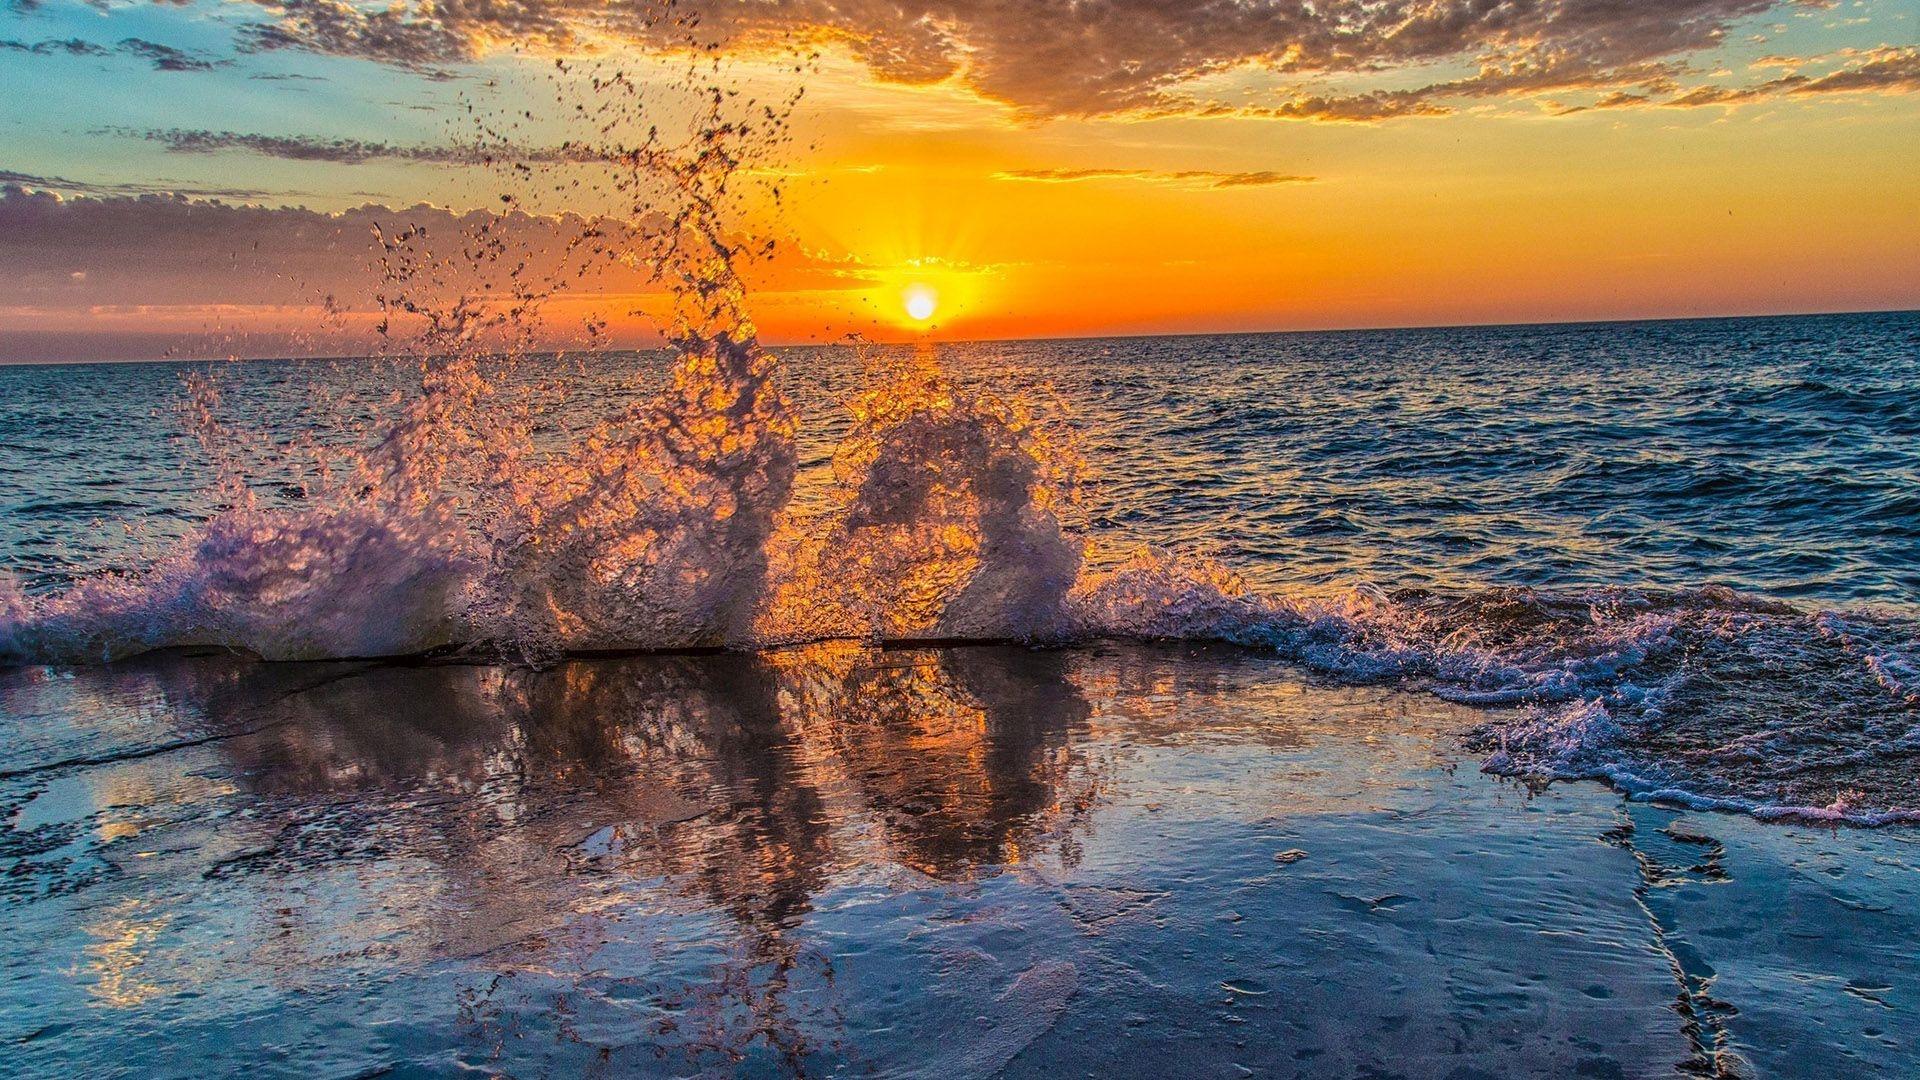 Море закат волна  № 3891495 загрузить